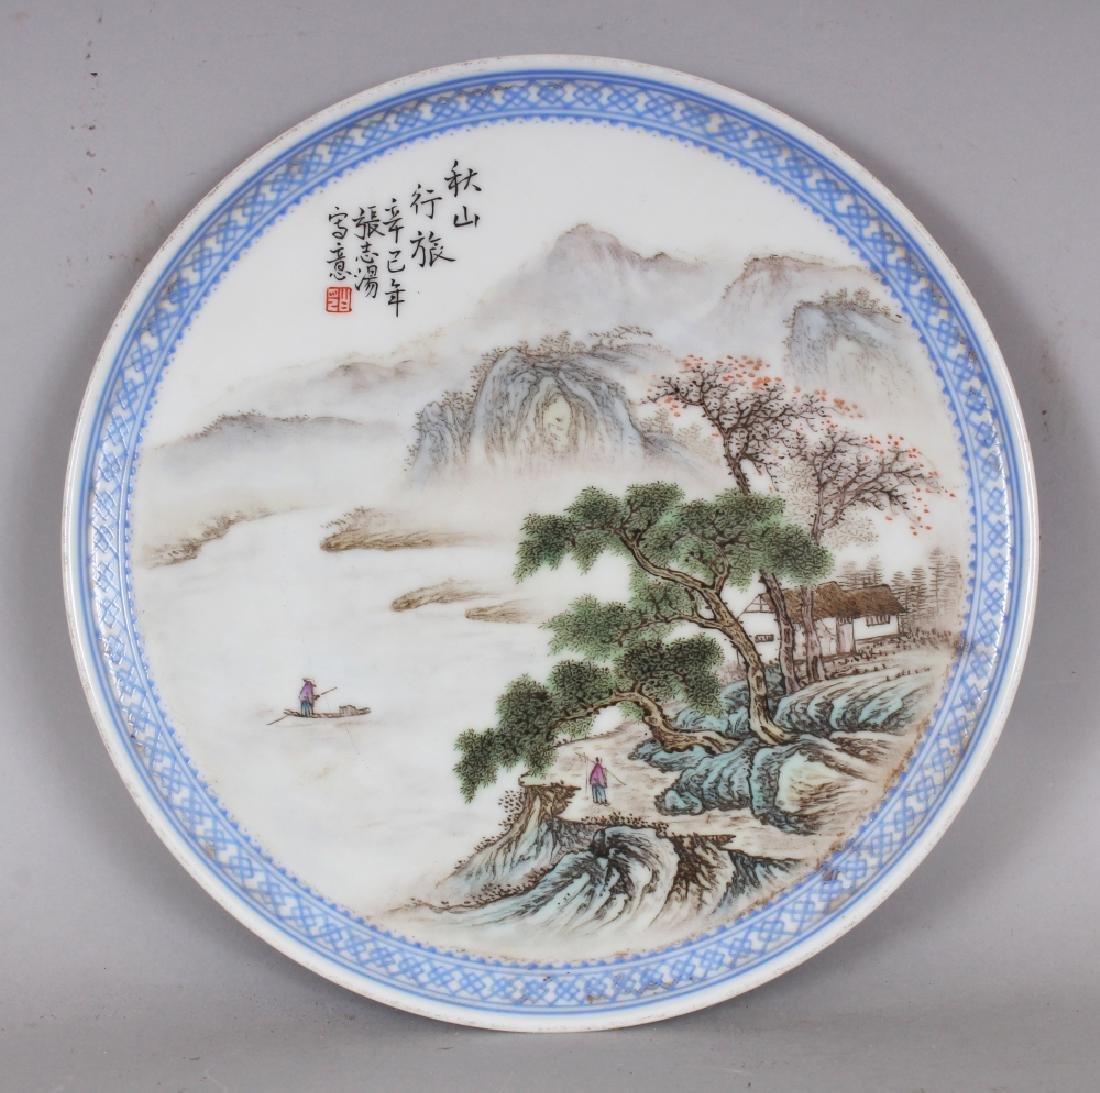 A CHINESE REPUBLIC STYLE PORCELAIN RIVER LANDSCAPE